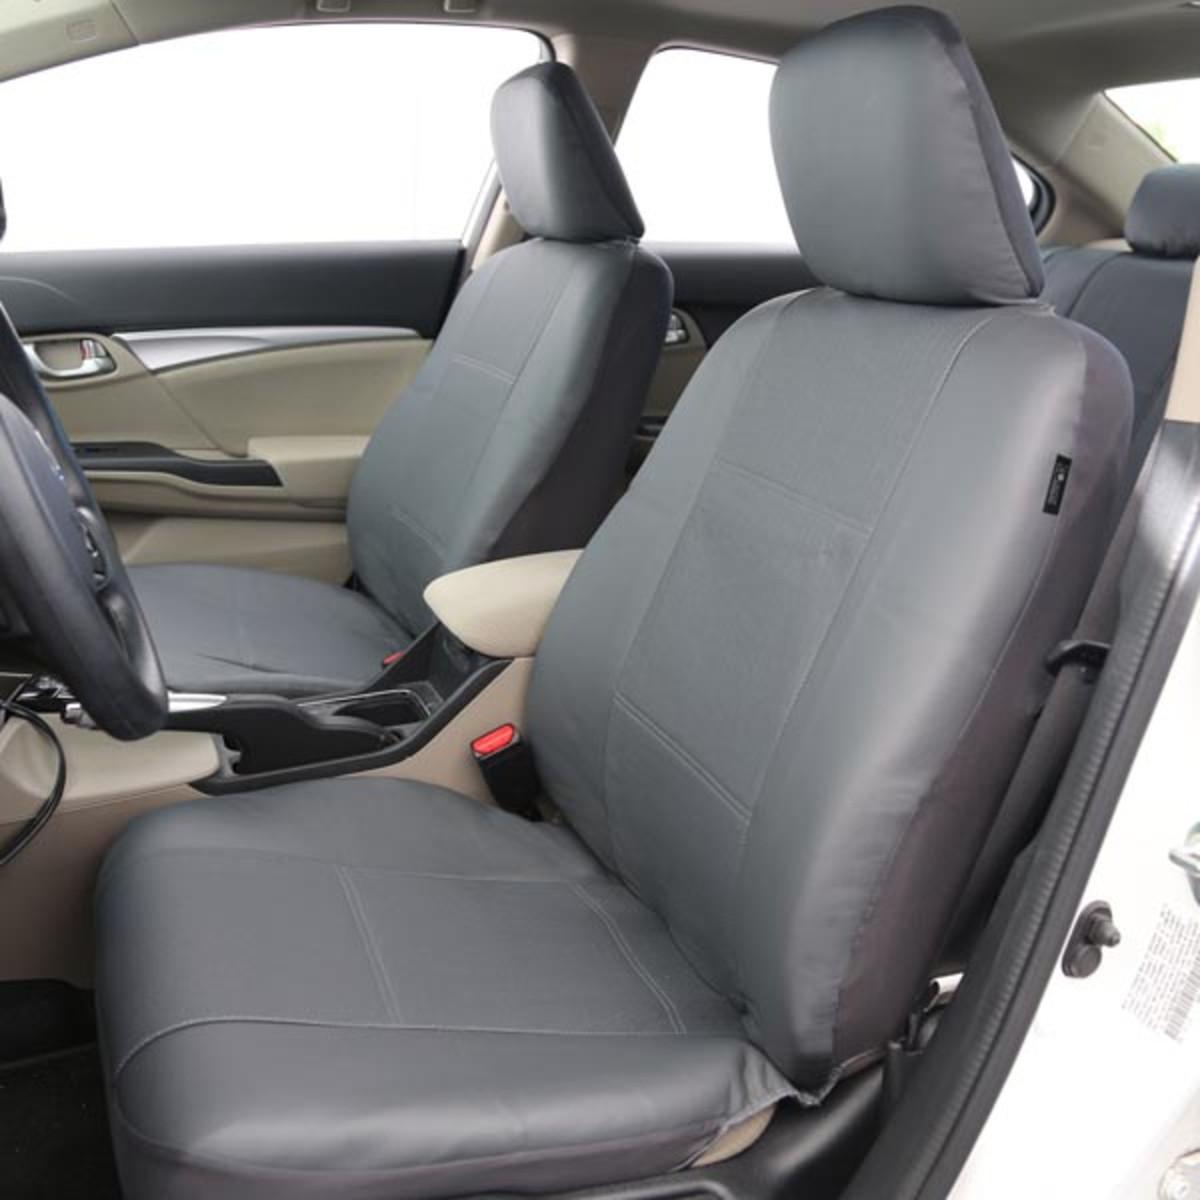 Nissan Altima 2019 PU007102 seat cover PU007102 3